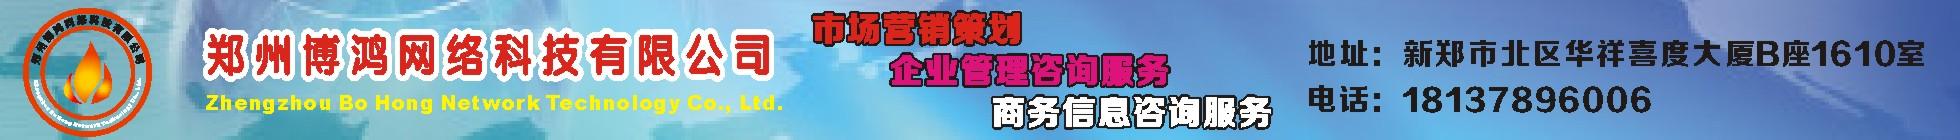 郑州博鸿网络科技有限公司